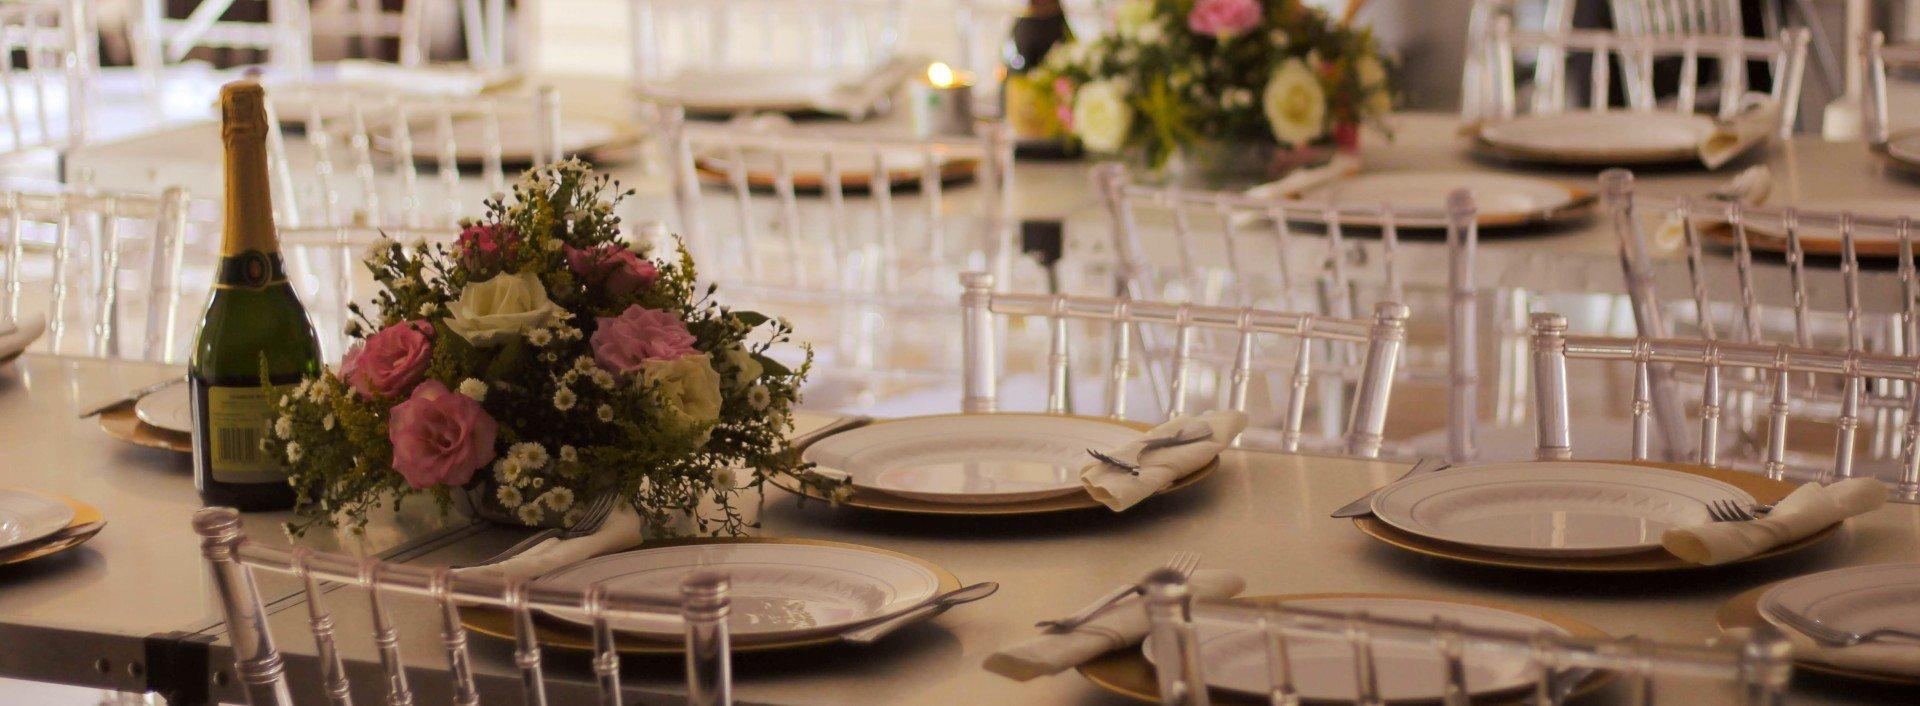 Tischmanieren auf Englisch: Ein Tisch ist für eine Dinnerparty gedeckt